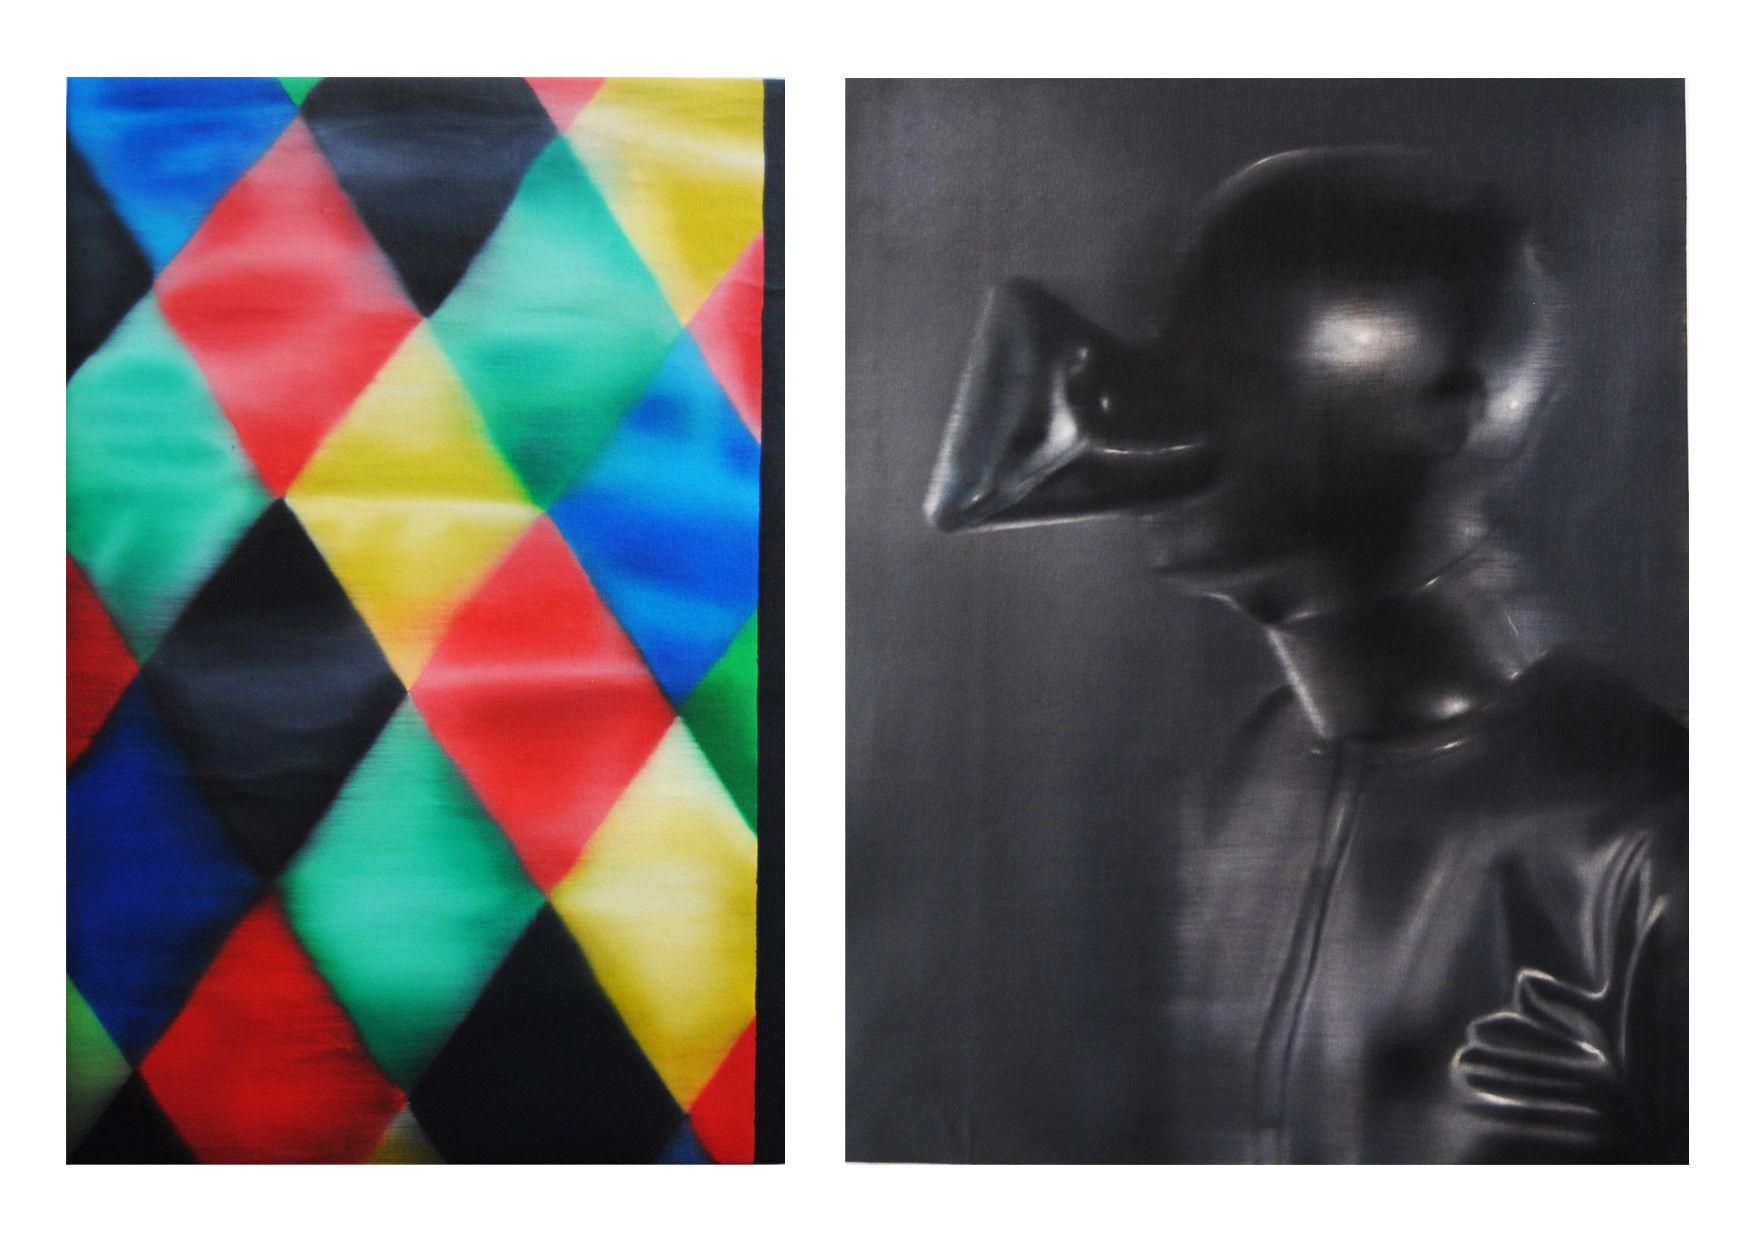 Homus sociologicus, óleo sobre tela, 61 x 40 cm